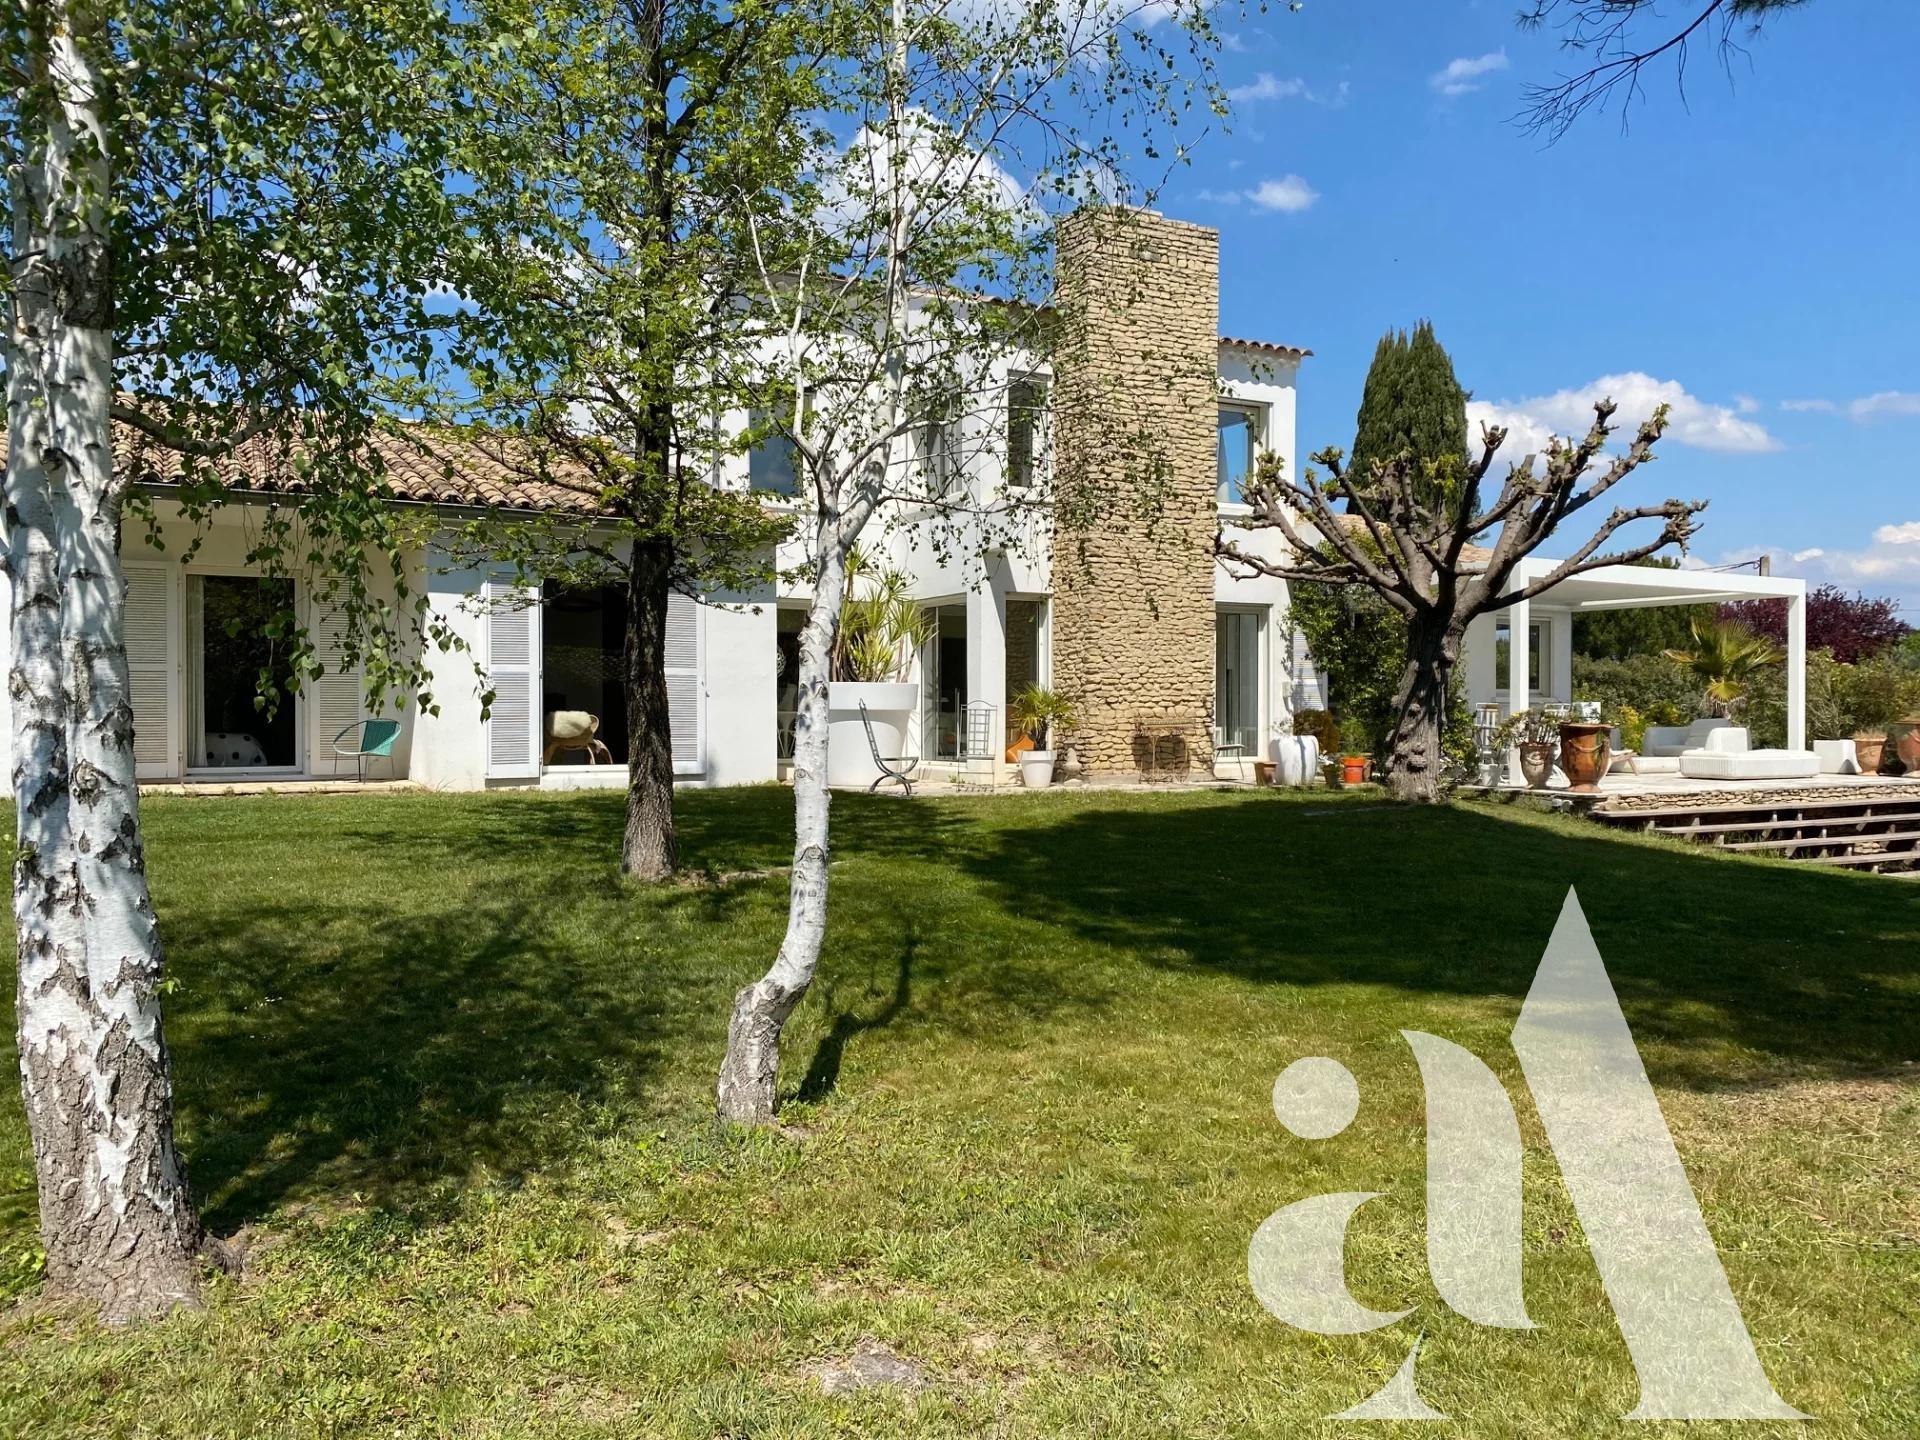 MAISON MEJEAN - SAINT-REMY DE PROVENCE - ALPILLES - 2 chambres  - 4 personnes